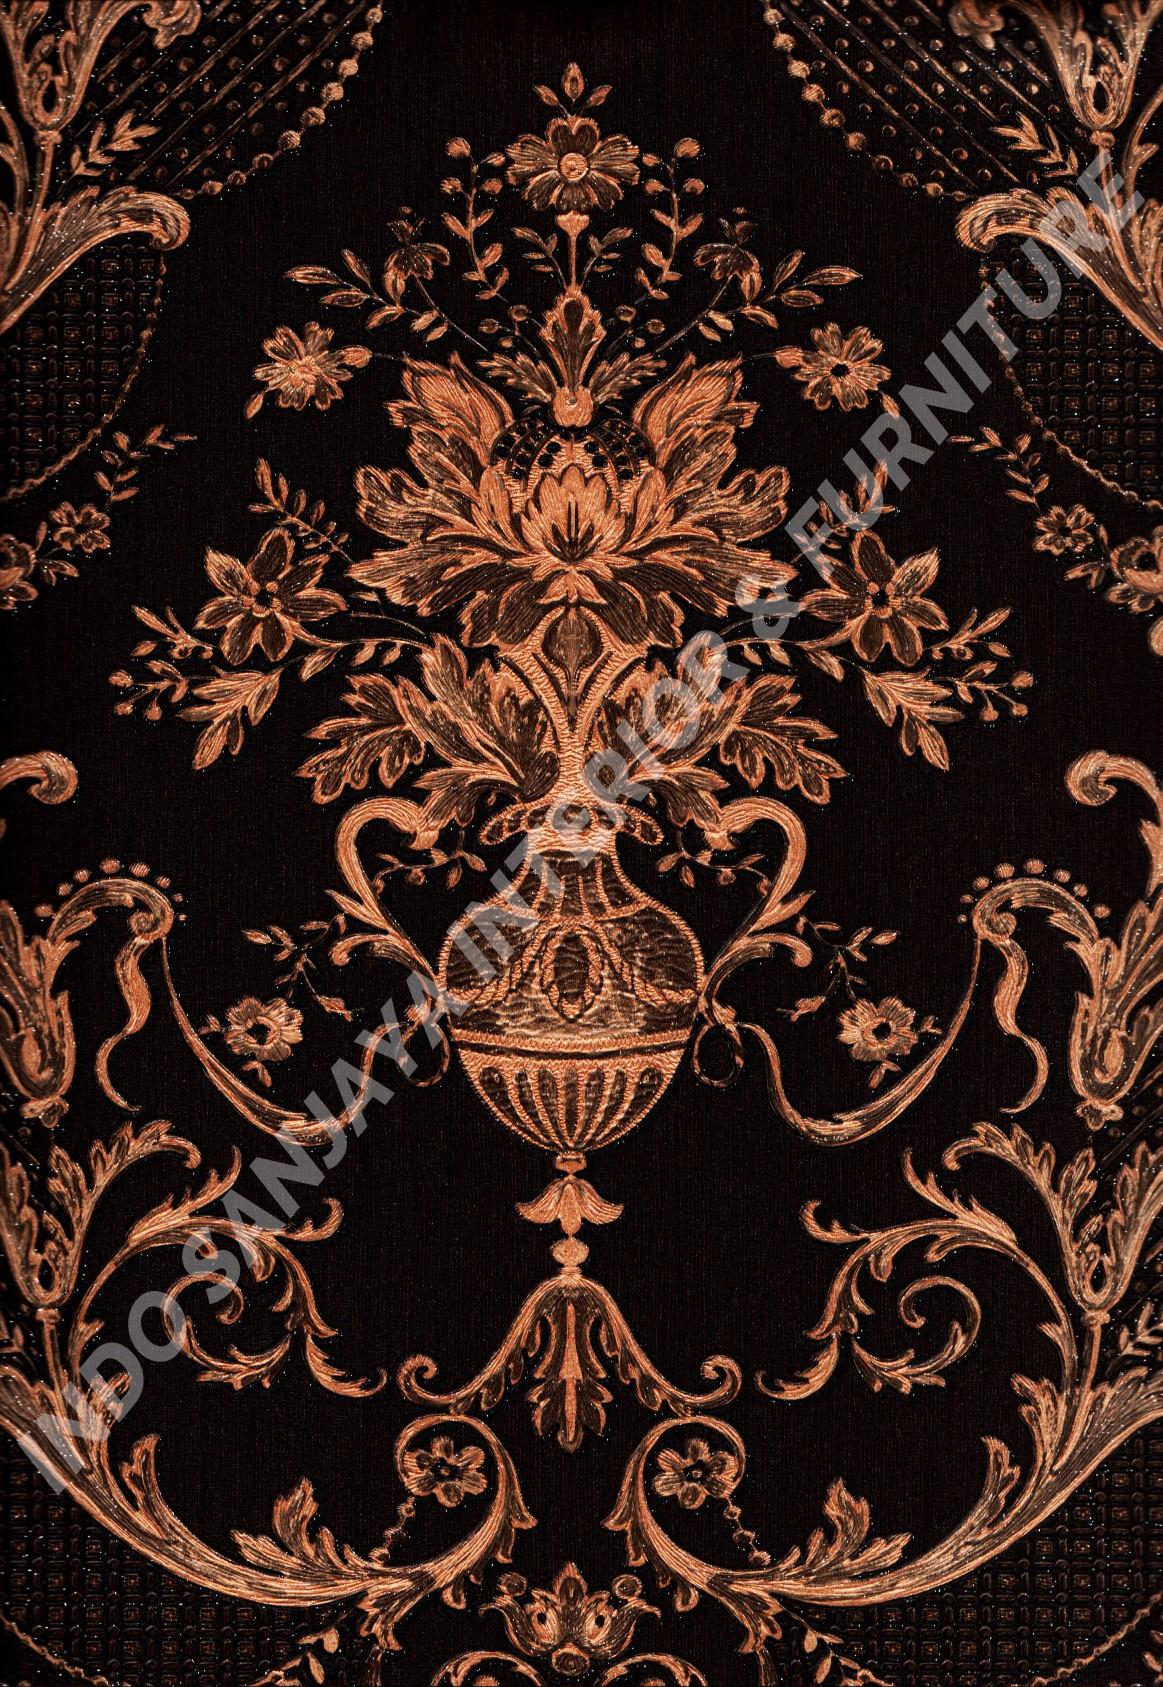 wallpaper   Wallpaper Klasik Batik (Damask) 81085-9:81085-9 corak  warna